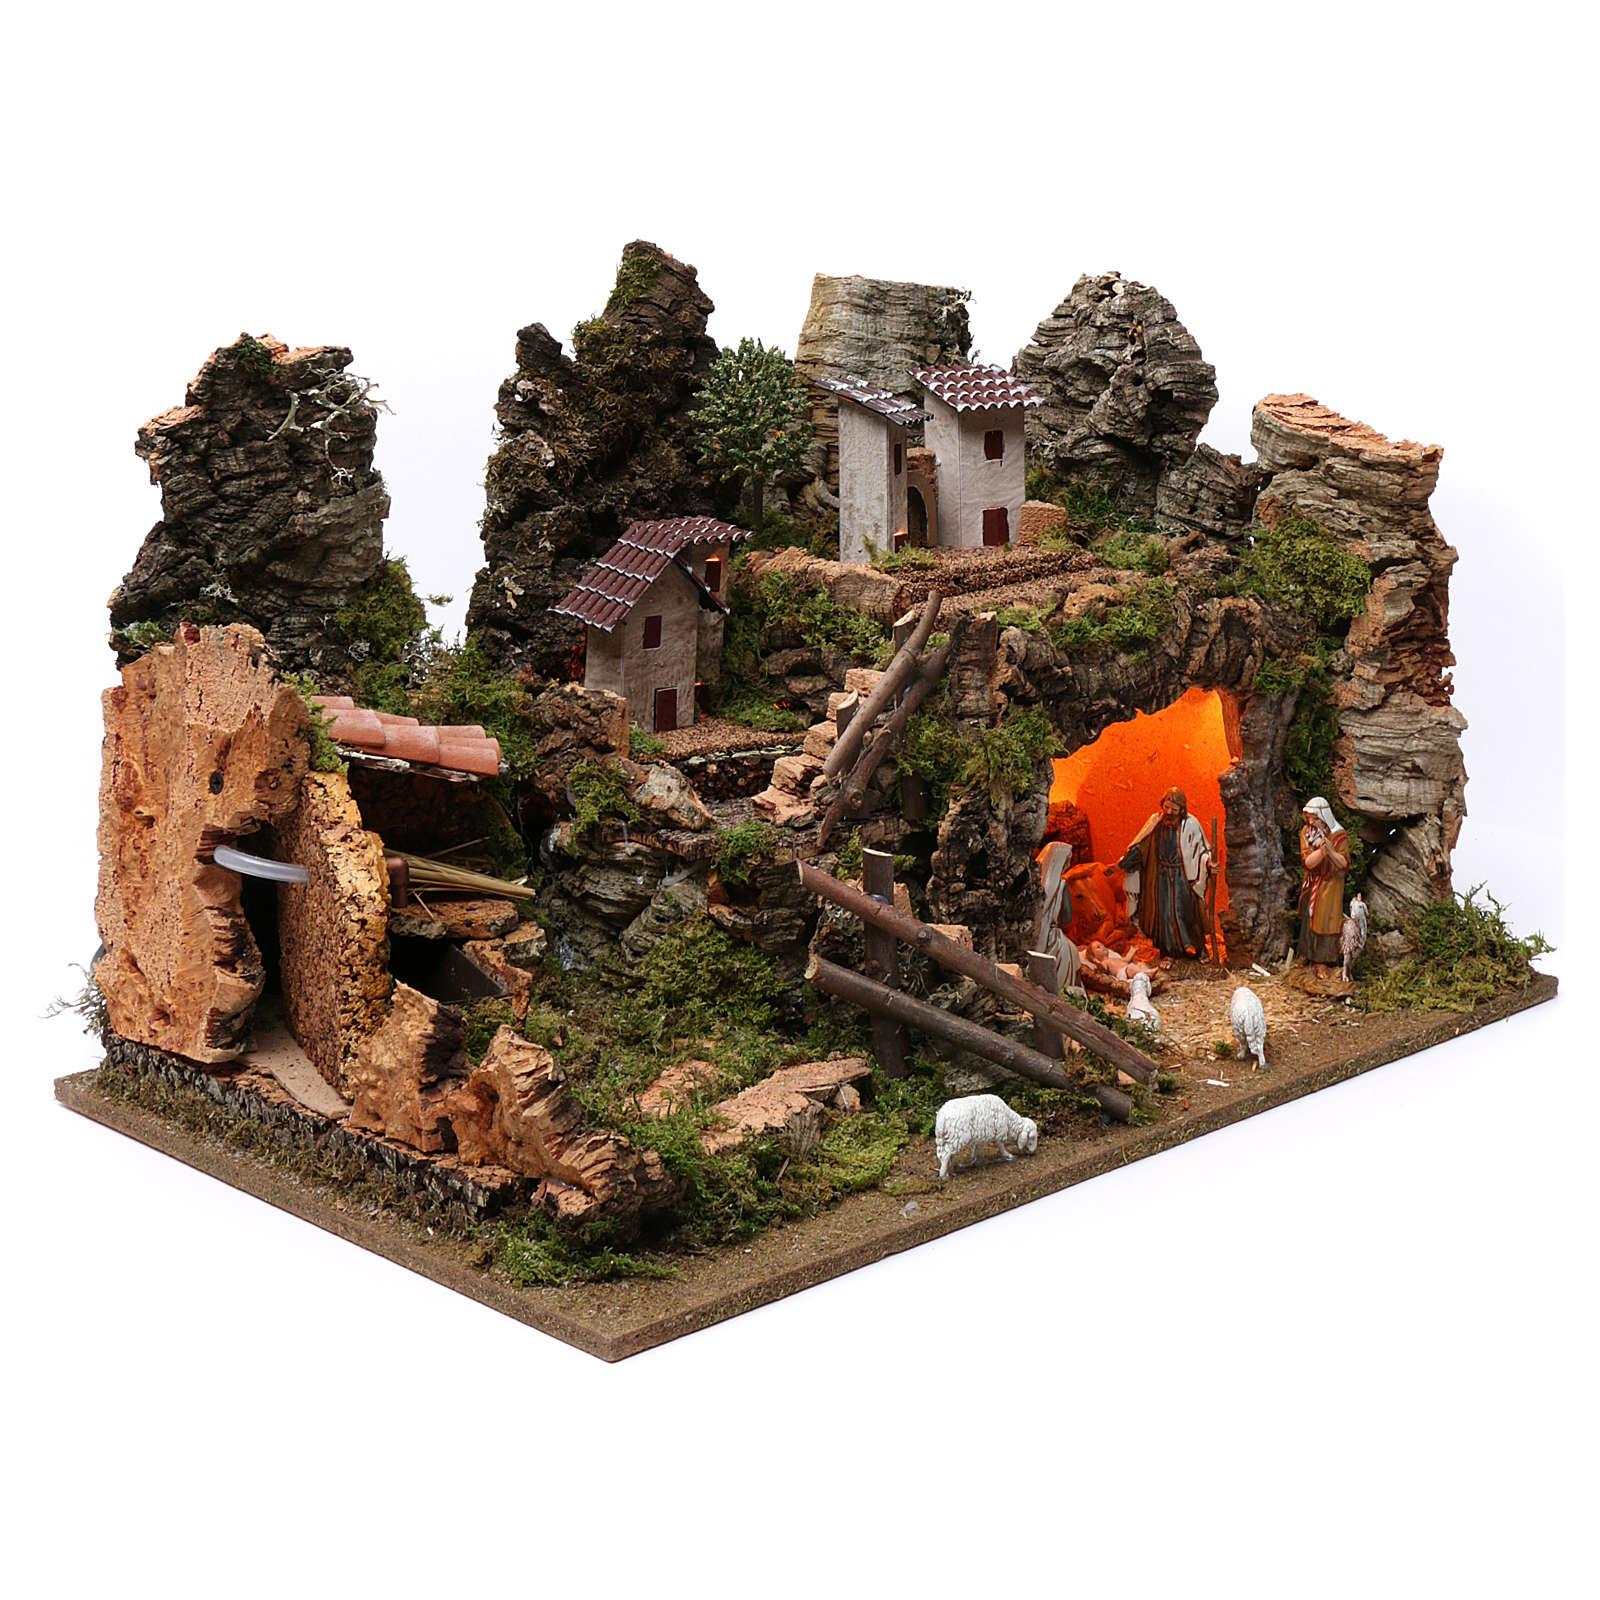 Villaggio fontana luci casette natività e pecore 35X60X40 cm per figure 8 cm 4